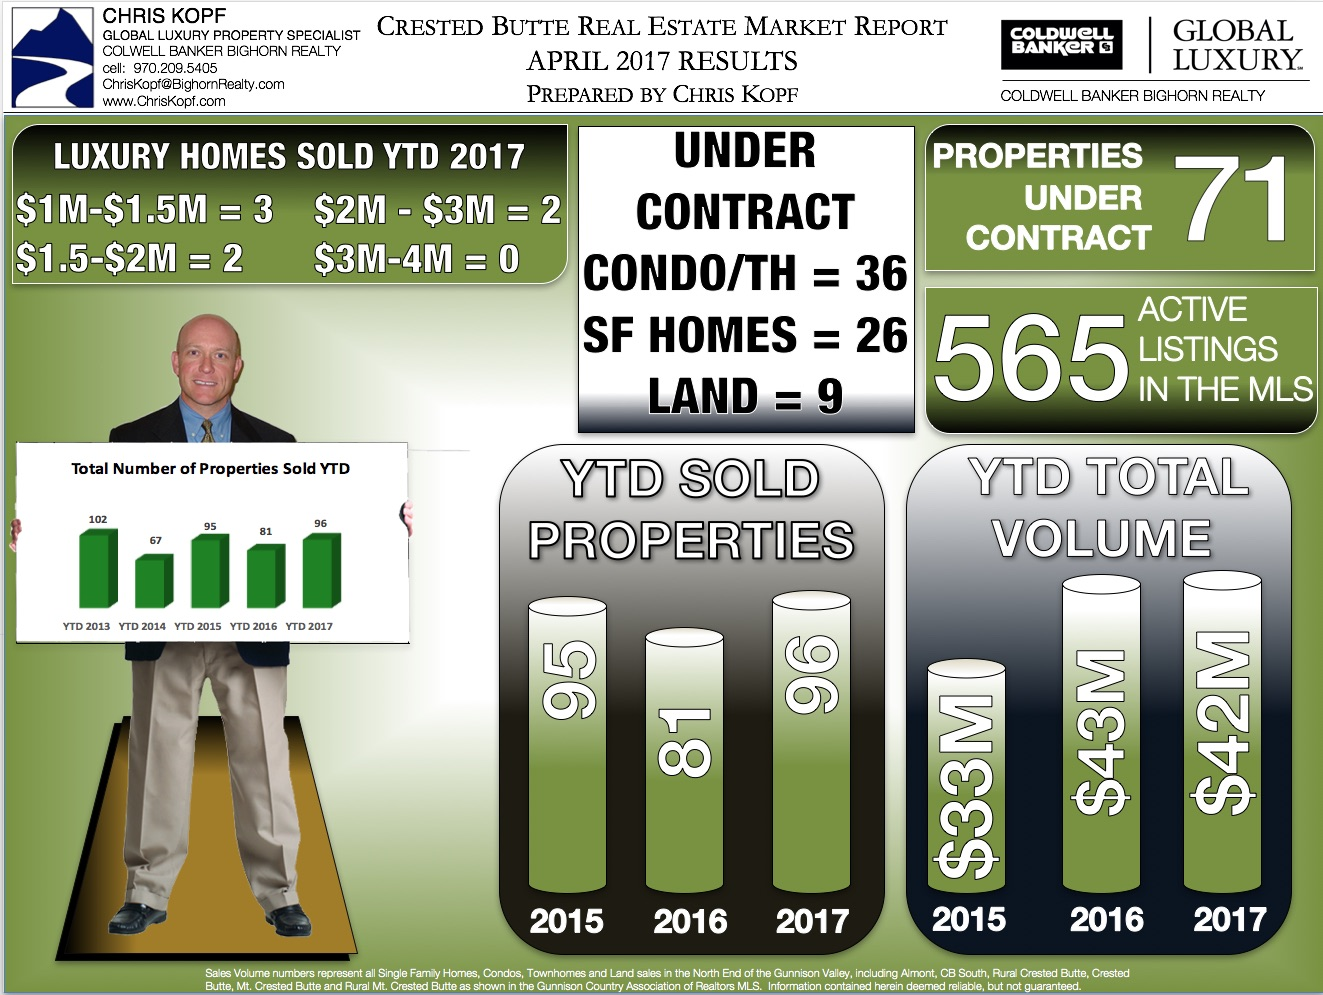 Crested Butte Real Estate Market Report April 2017